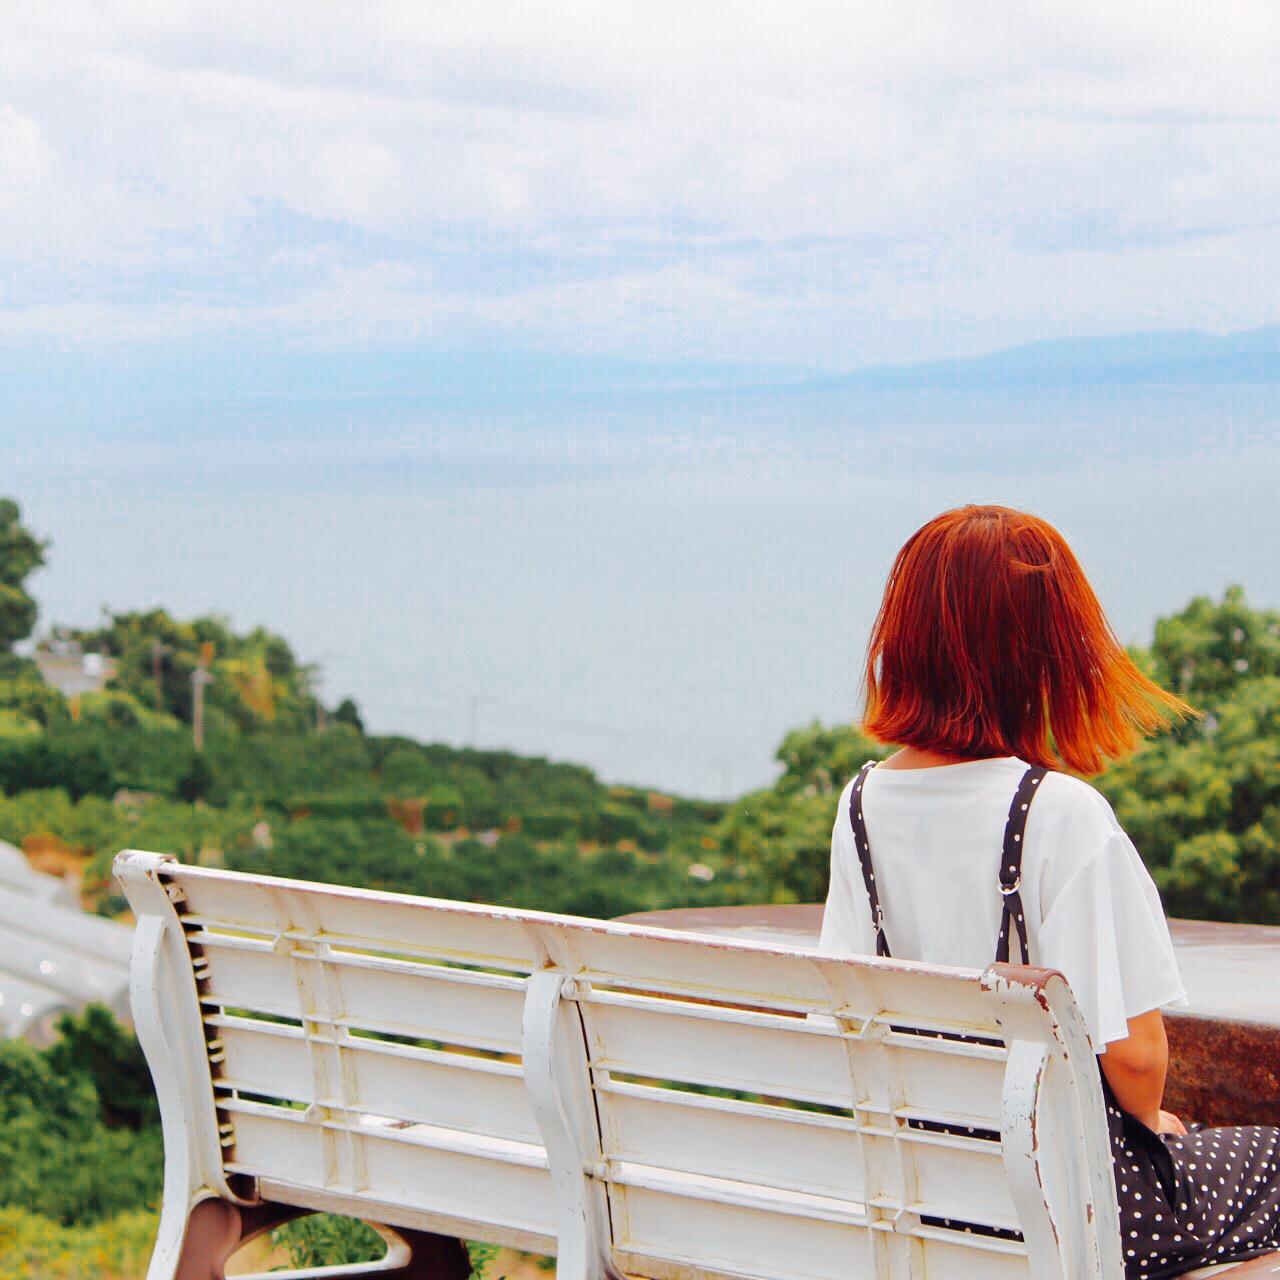 【ナルシストの丘】熊本、金峰山に癒されに行ってみた話